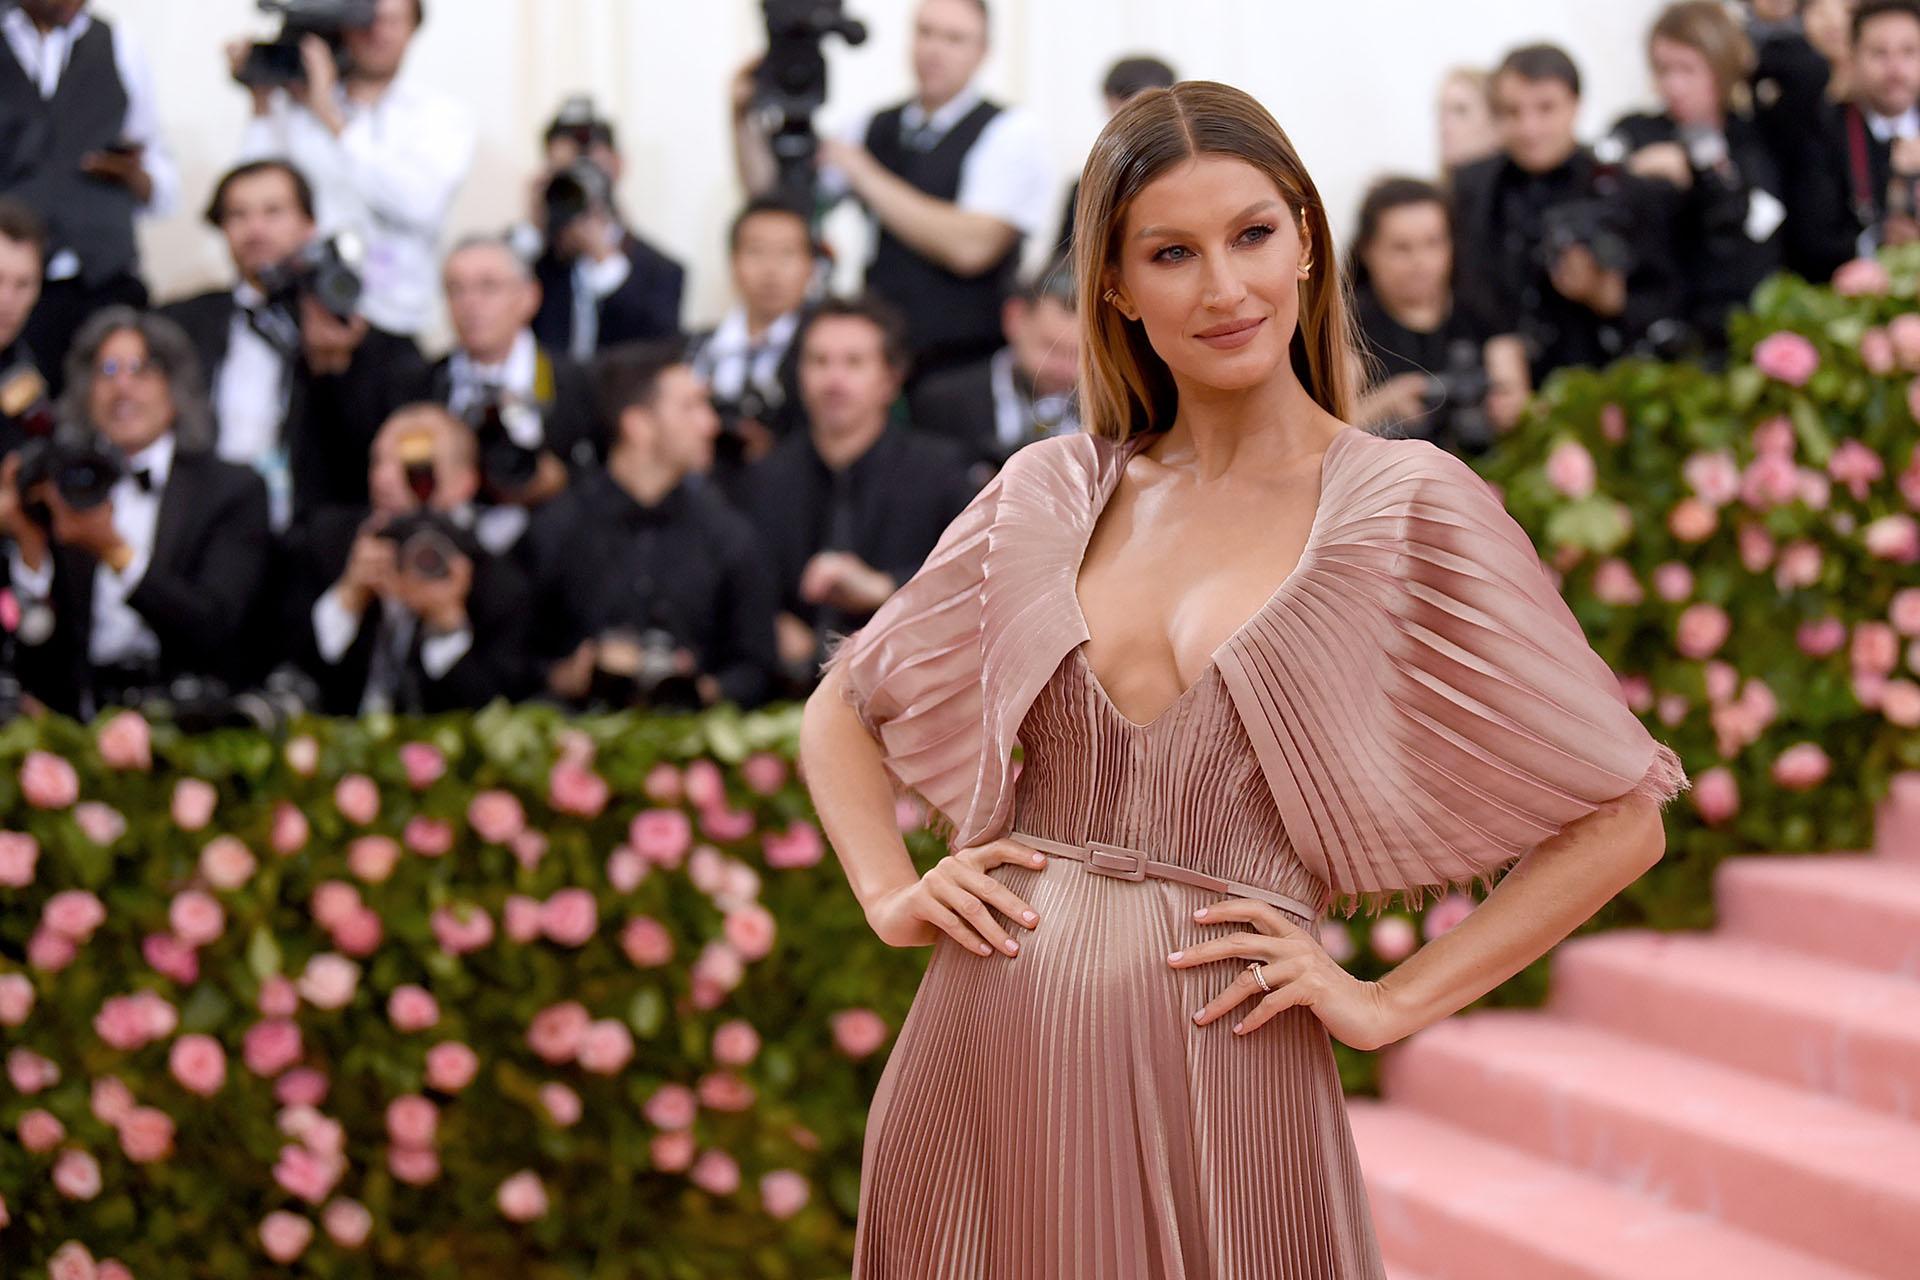 Gisele Bündcheny su marido Tom Brady asistieron a su 11° MET Gala juntos. La supermodelo optó por un clásico vestido plisado color rosa Dior 100% sustentable